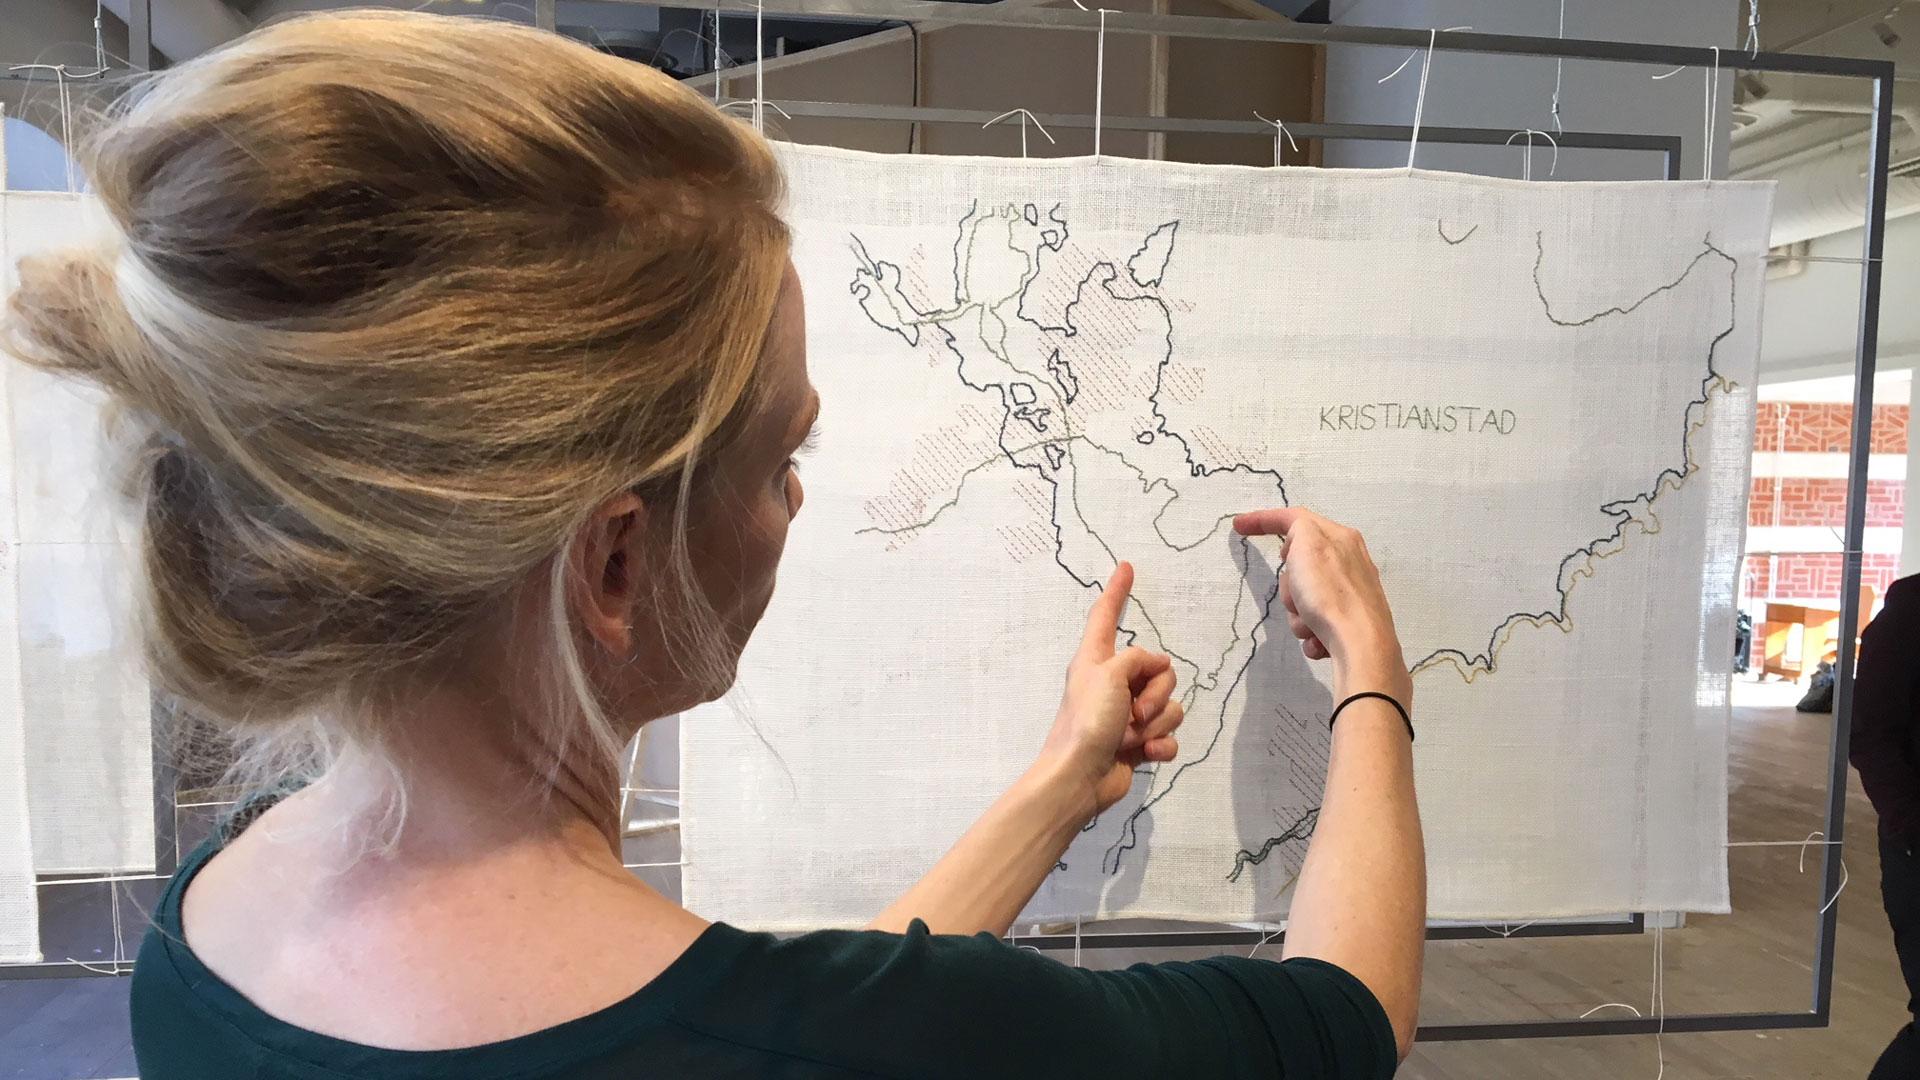 Konstnär Caroline Mårtensson visar sitt verk på Man and Biosphere på Konsthallen. Foto: Åsa Pearce